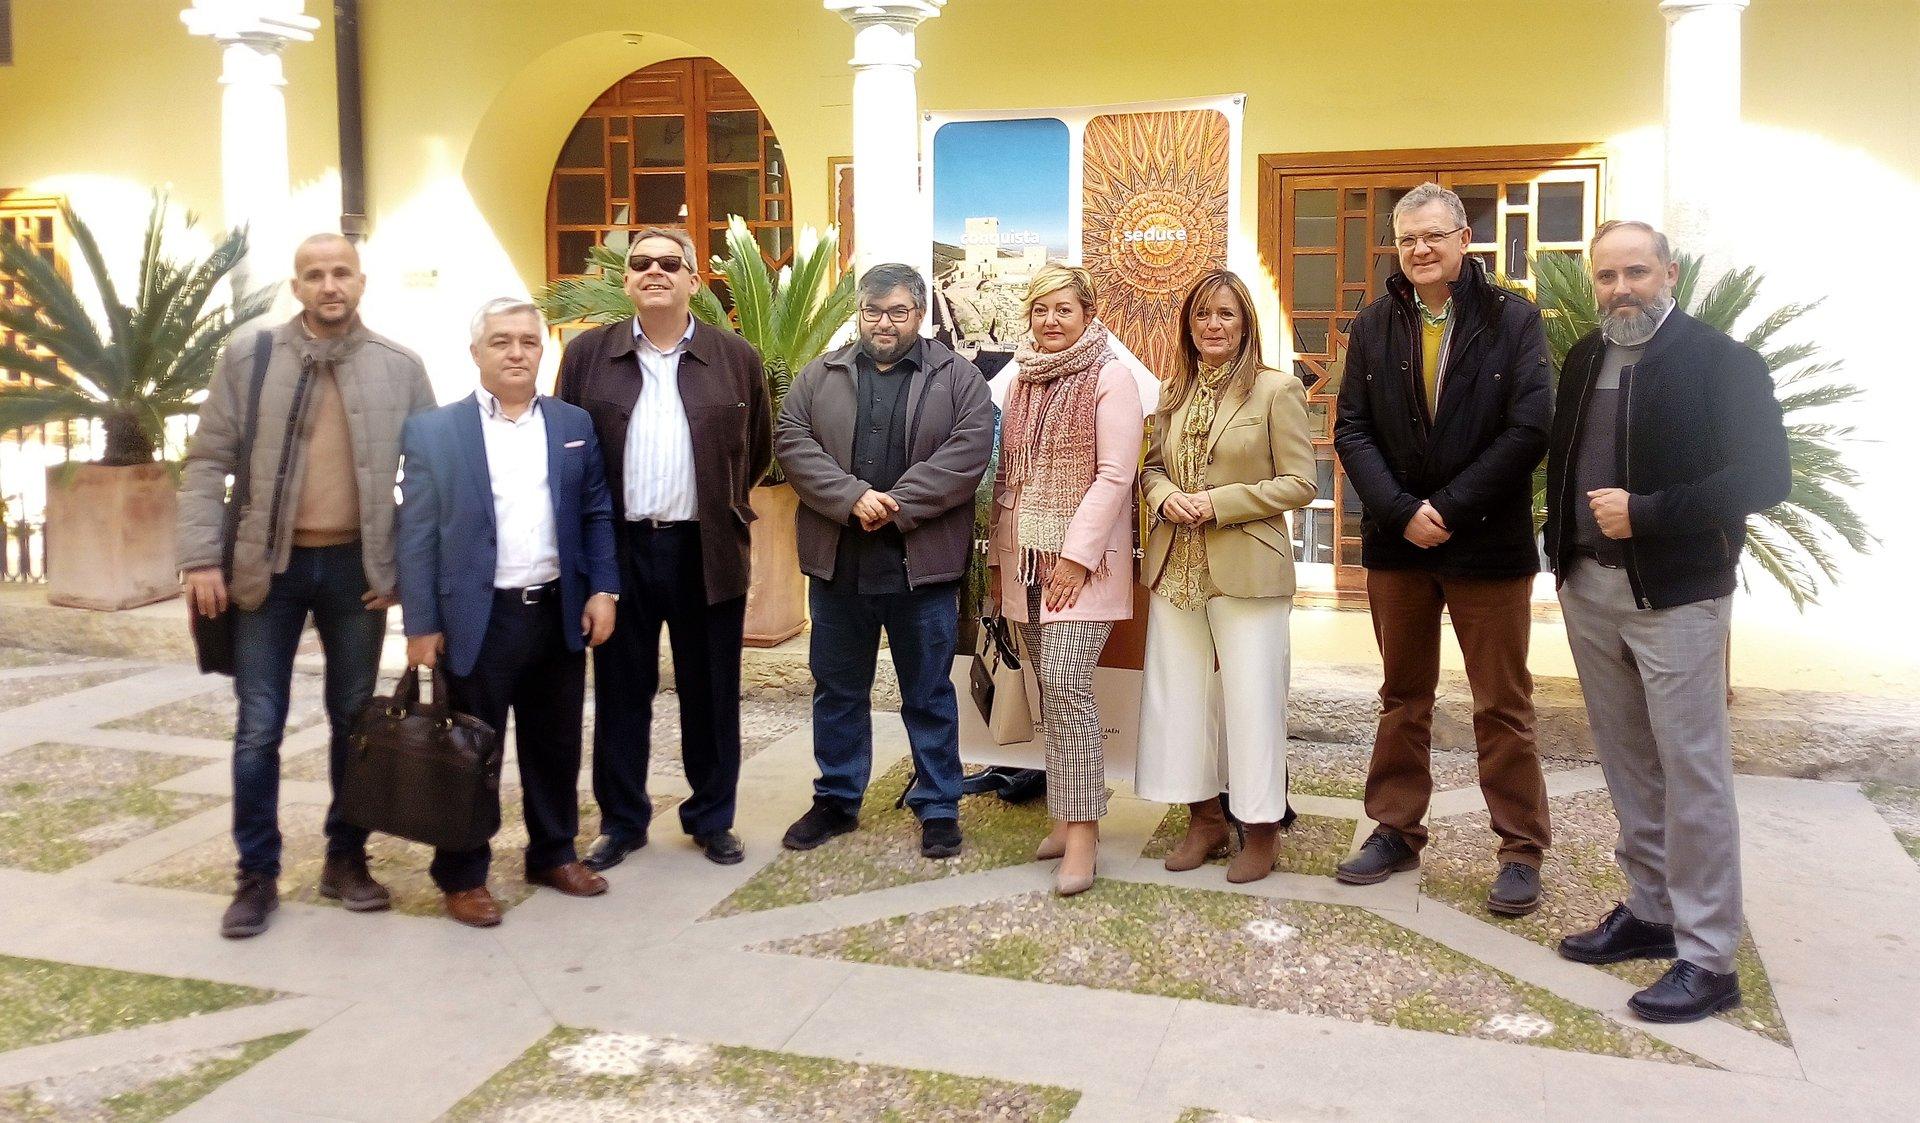 Presentación del proyecto Halal con representantes del sector turístico. Foto: Ayuntamiento de Jaén